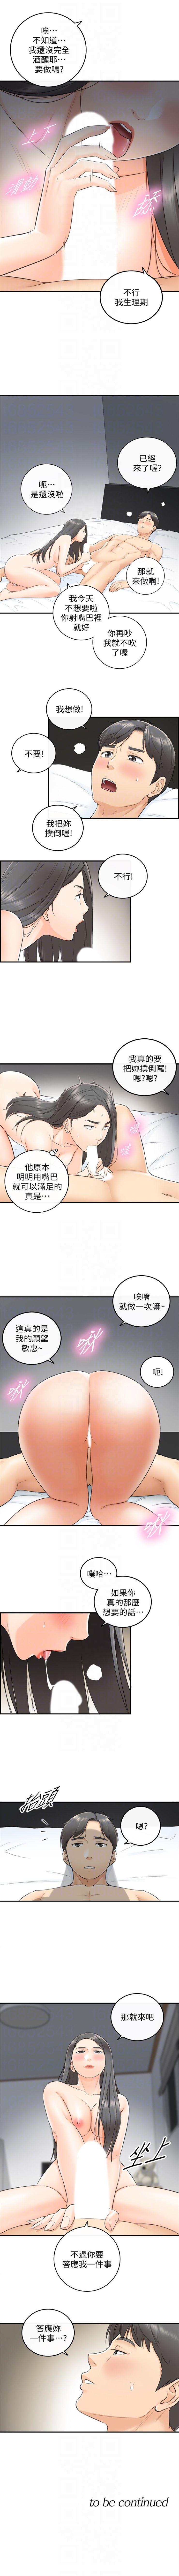 (週5)正妹小主管 1-39 中文翻譯(更新中) 57